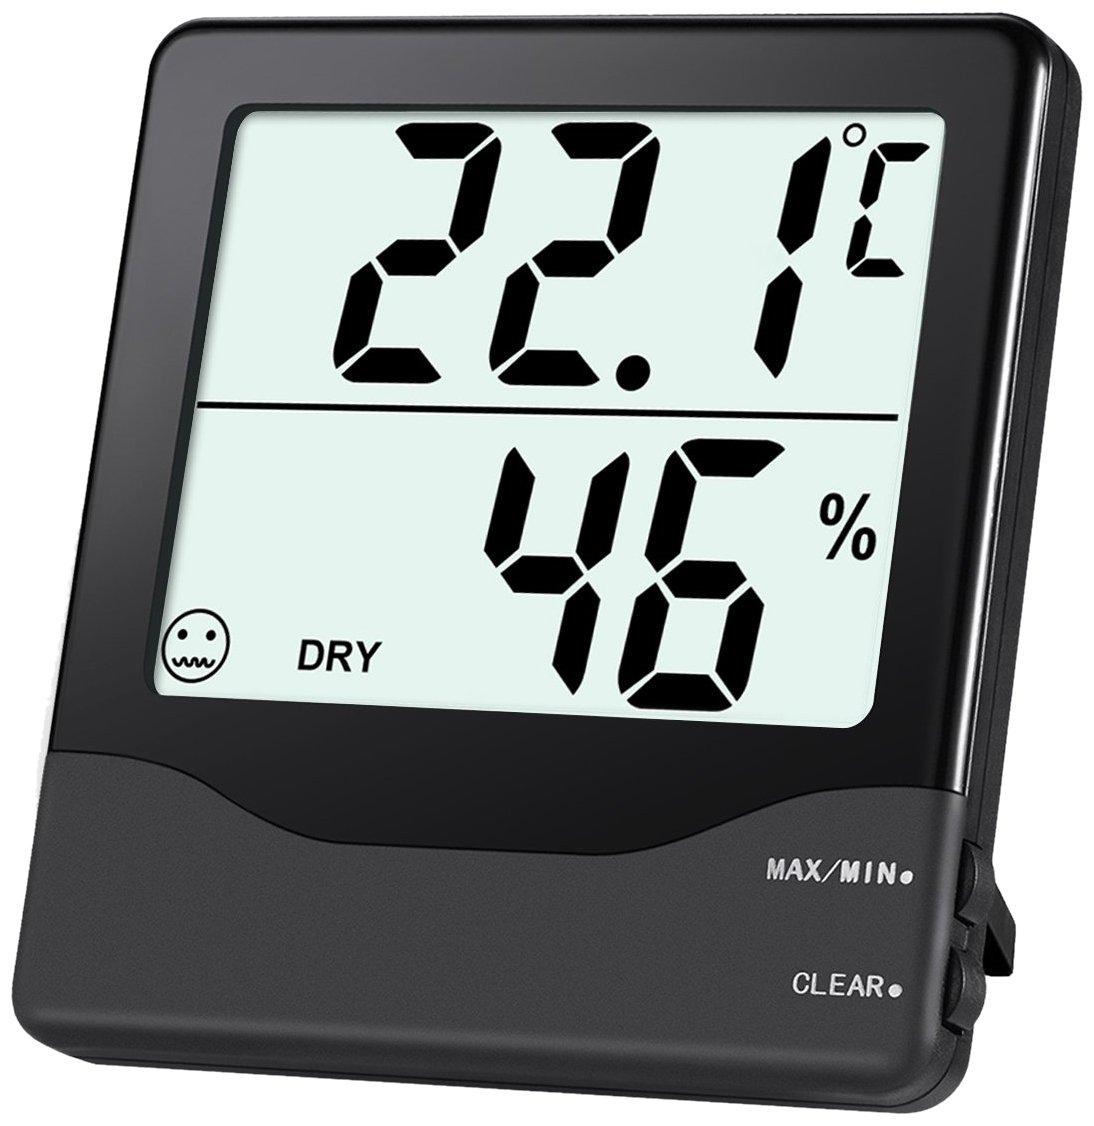 Oria Termometro per Frigorifero, Termometro Digitale per Interno/Esterno Senza Fili con 2 Sensori Wireless, Allarme Acustico, Registrazione Min/Max per Casa, Ristoranti, Caffè, ecc.